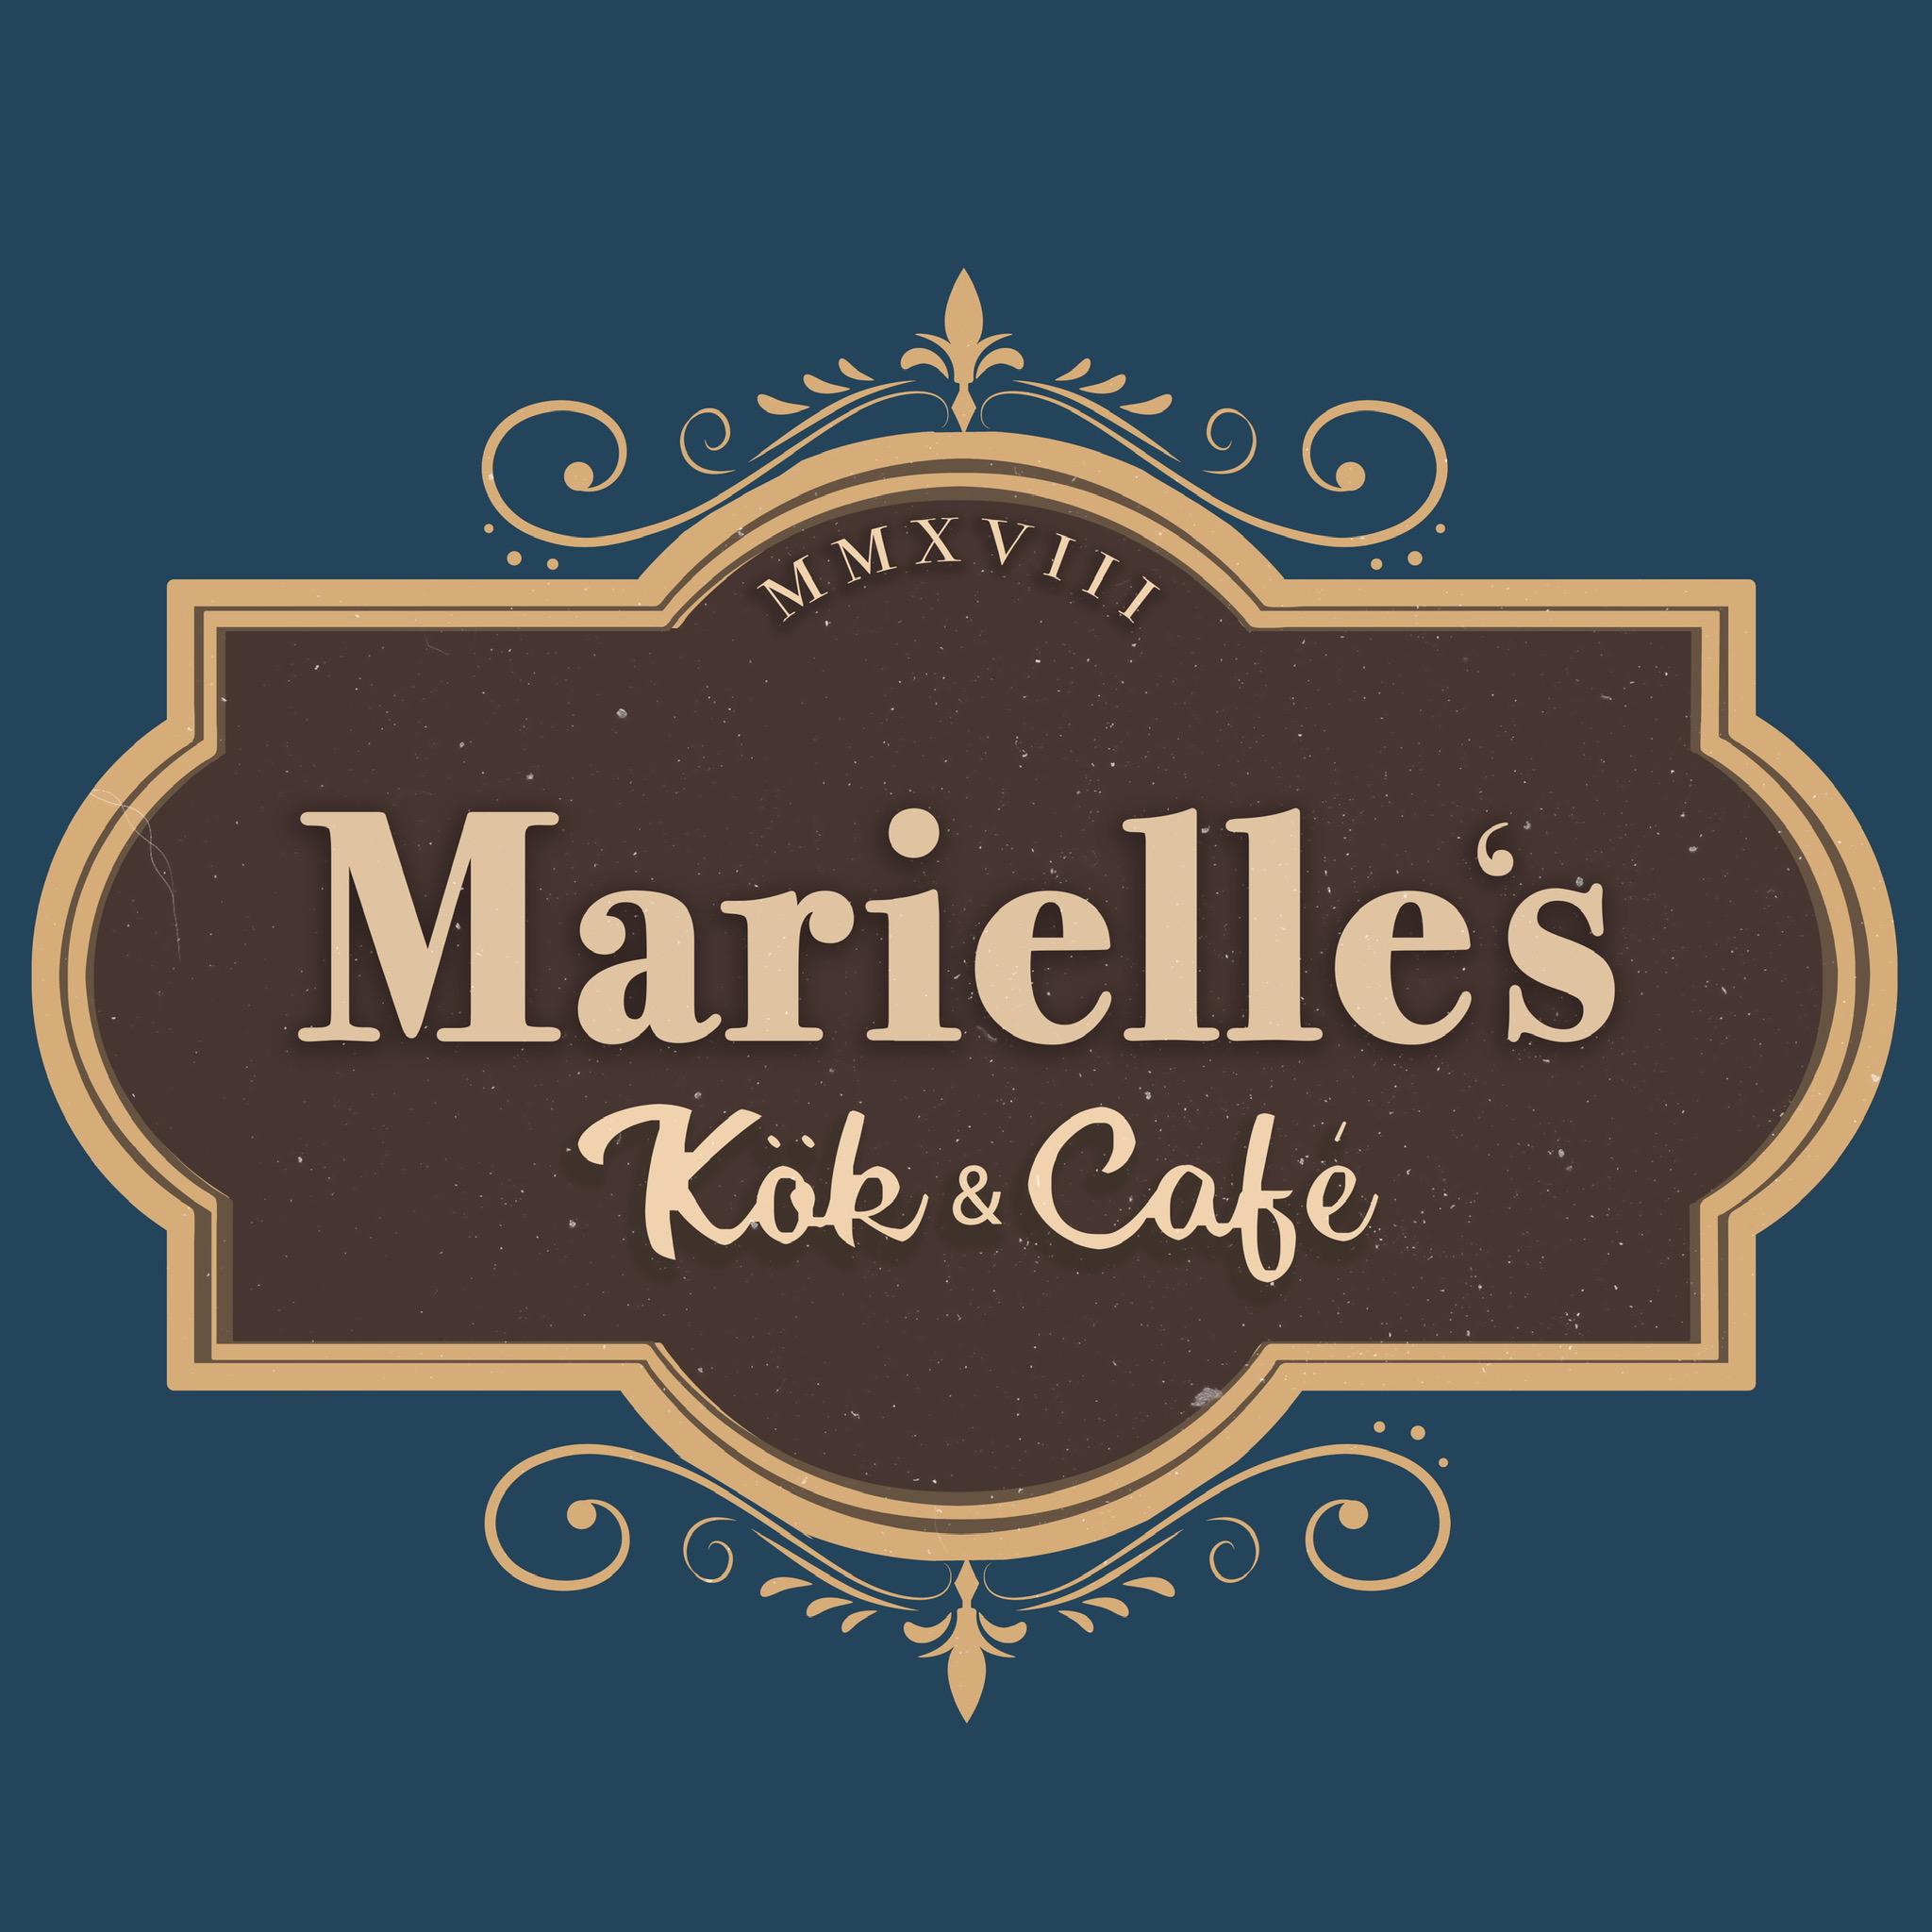 Marielles Kök & café